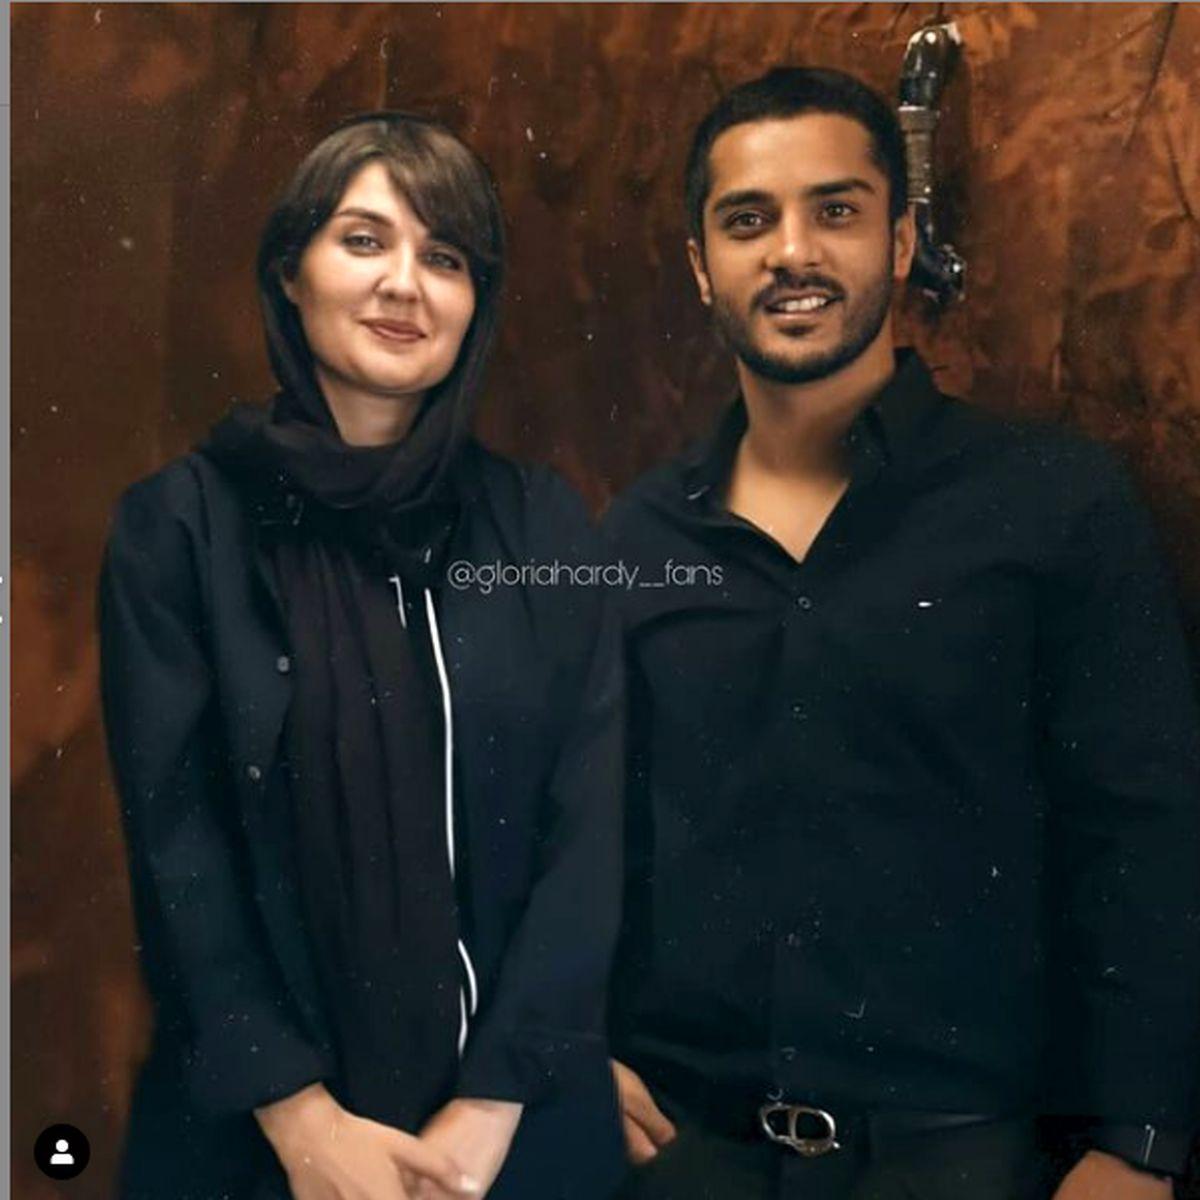 بازیگرانی که همسر خارجی دارند+ عکس جذاب